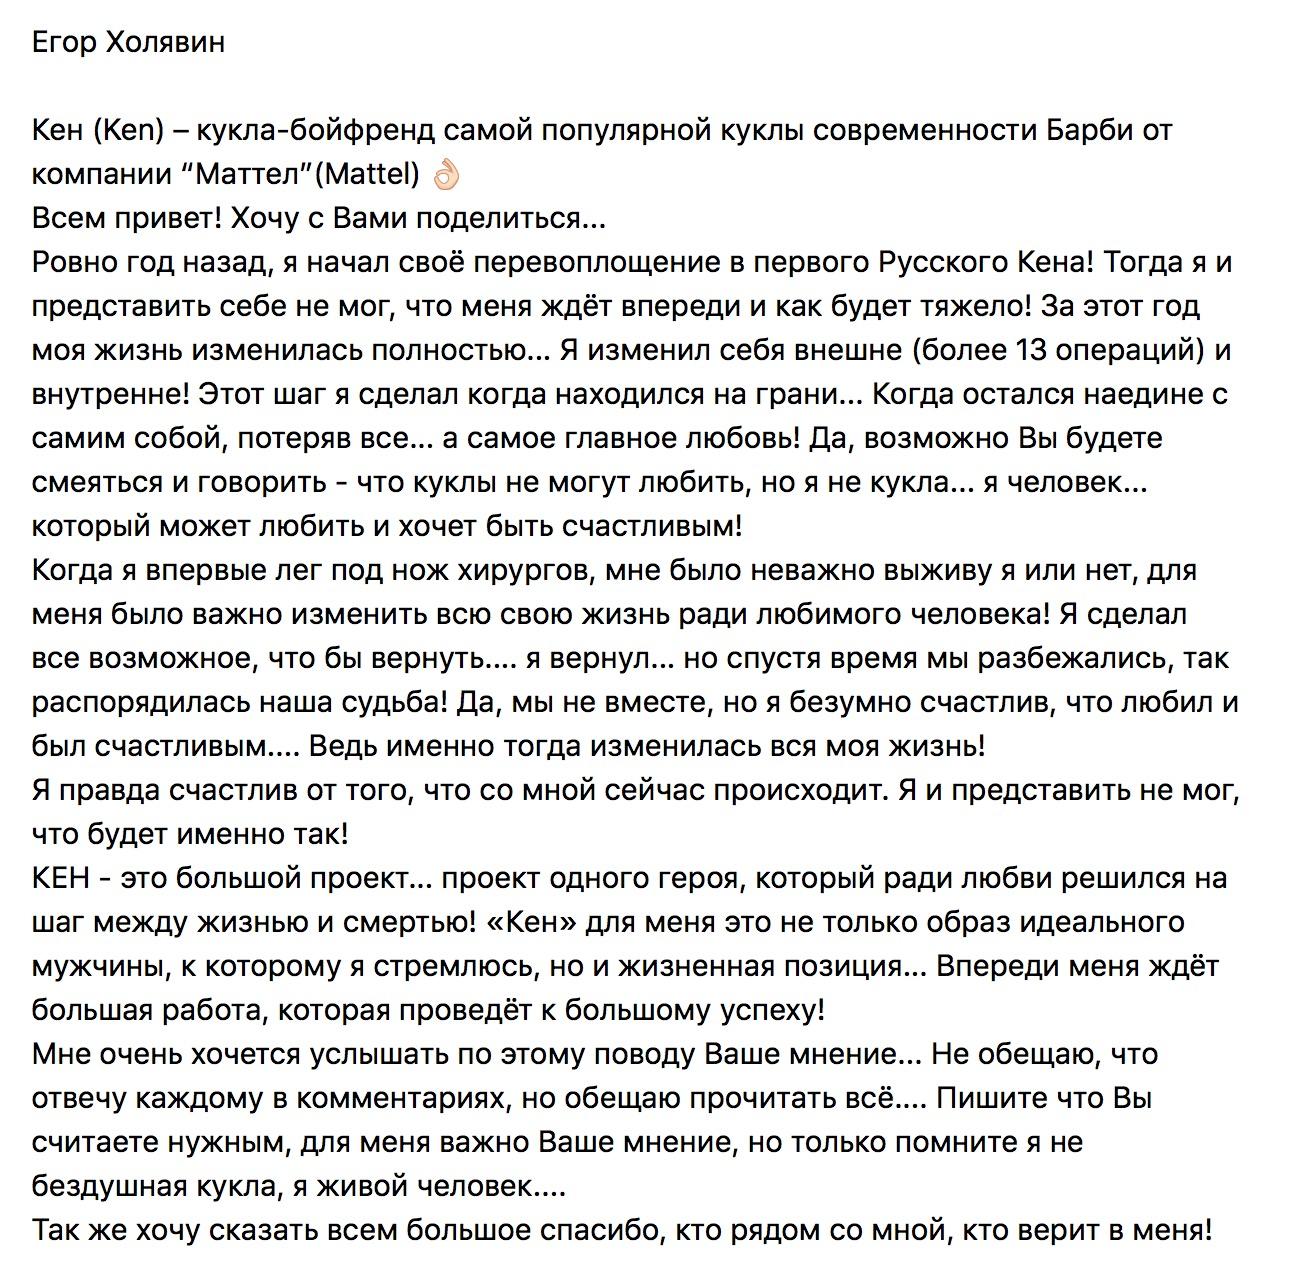 Егор Холявин превращается в первого русского Кена